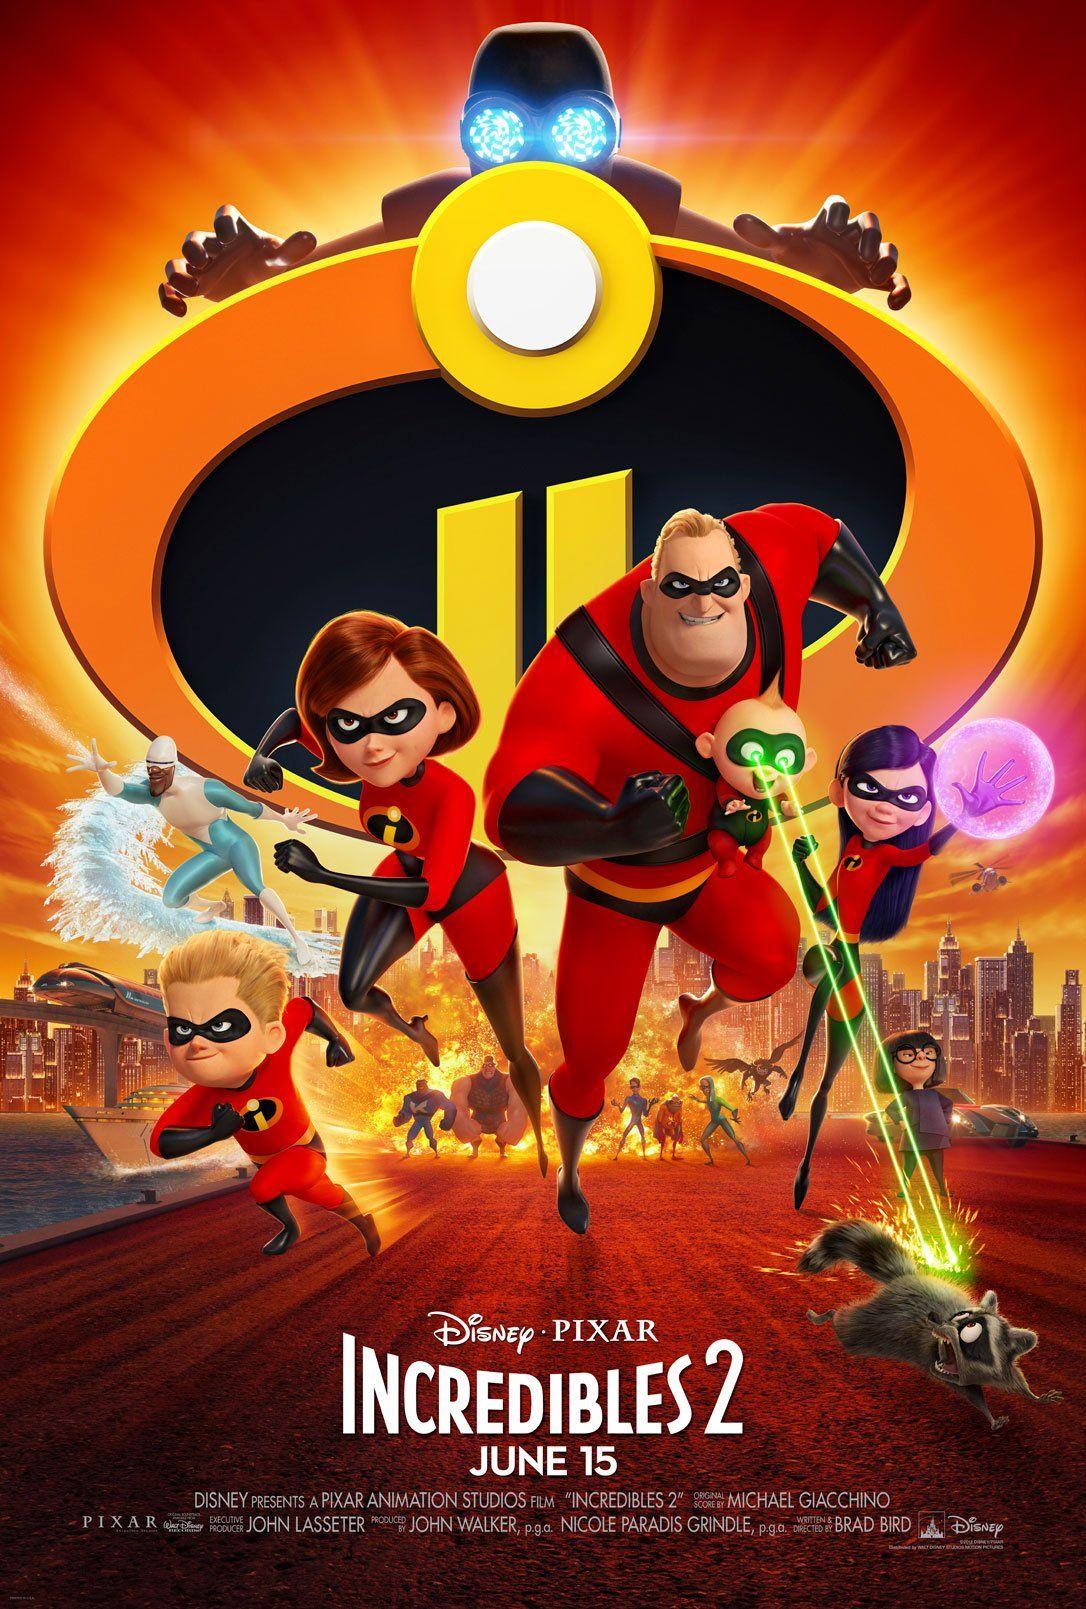 New Incredibles 2 Poster Bioskop Film Disney Disney Pixar